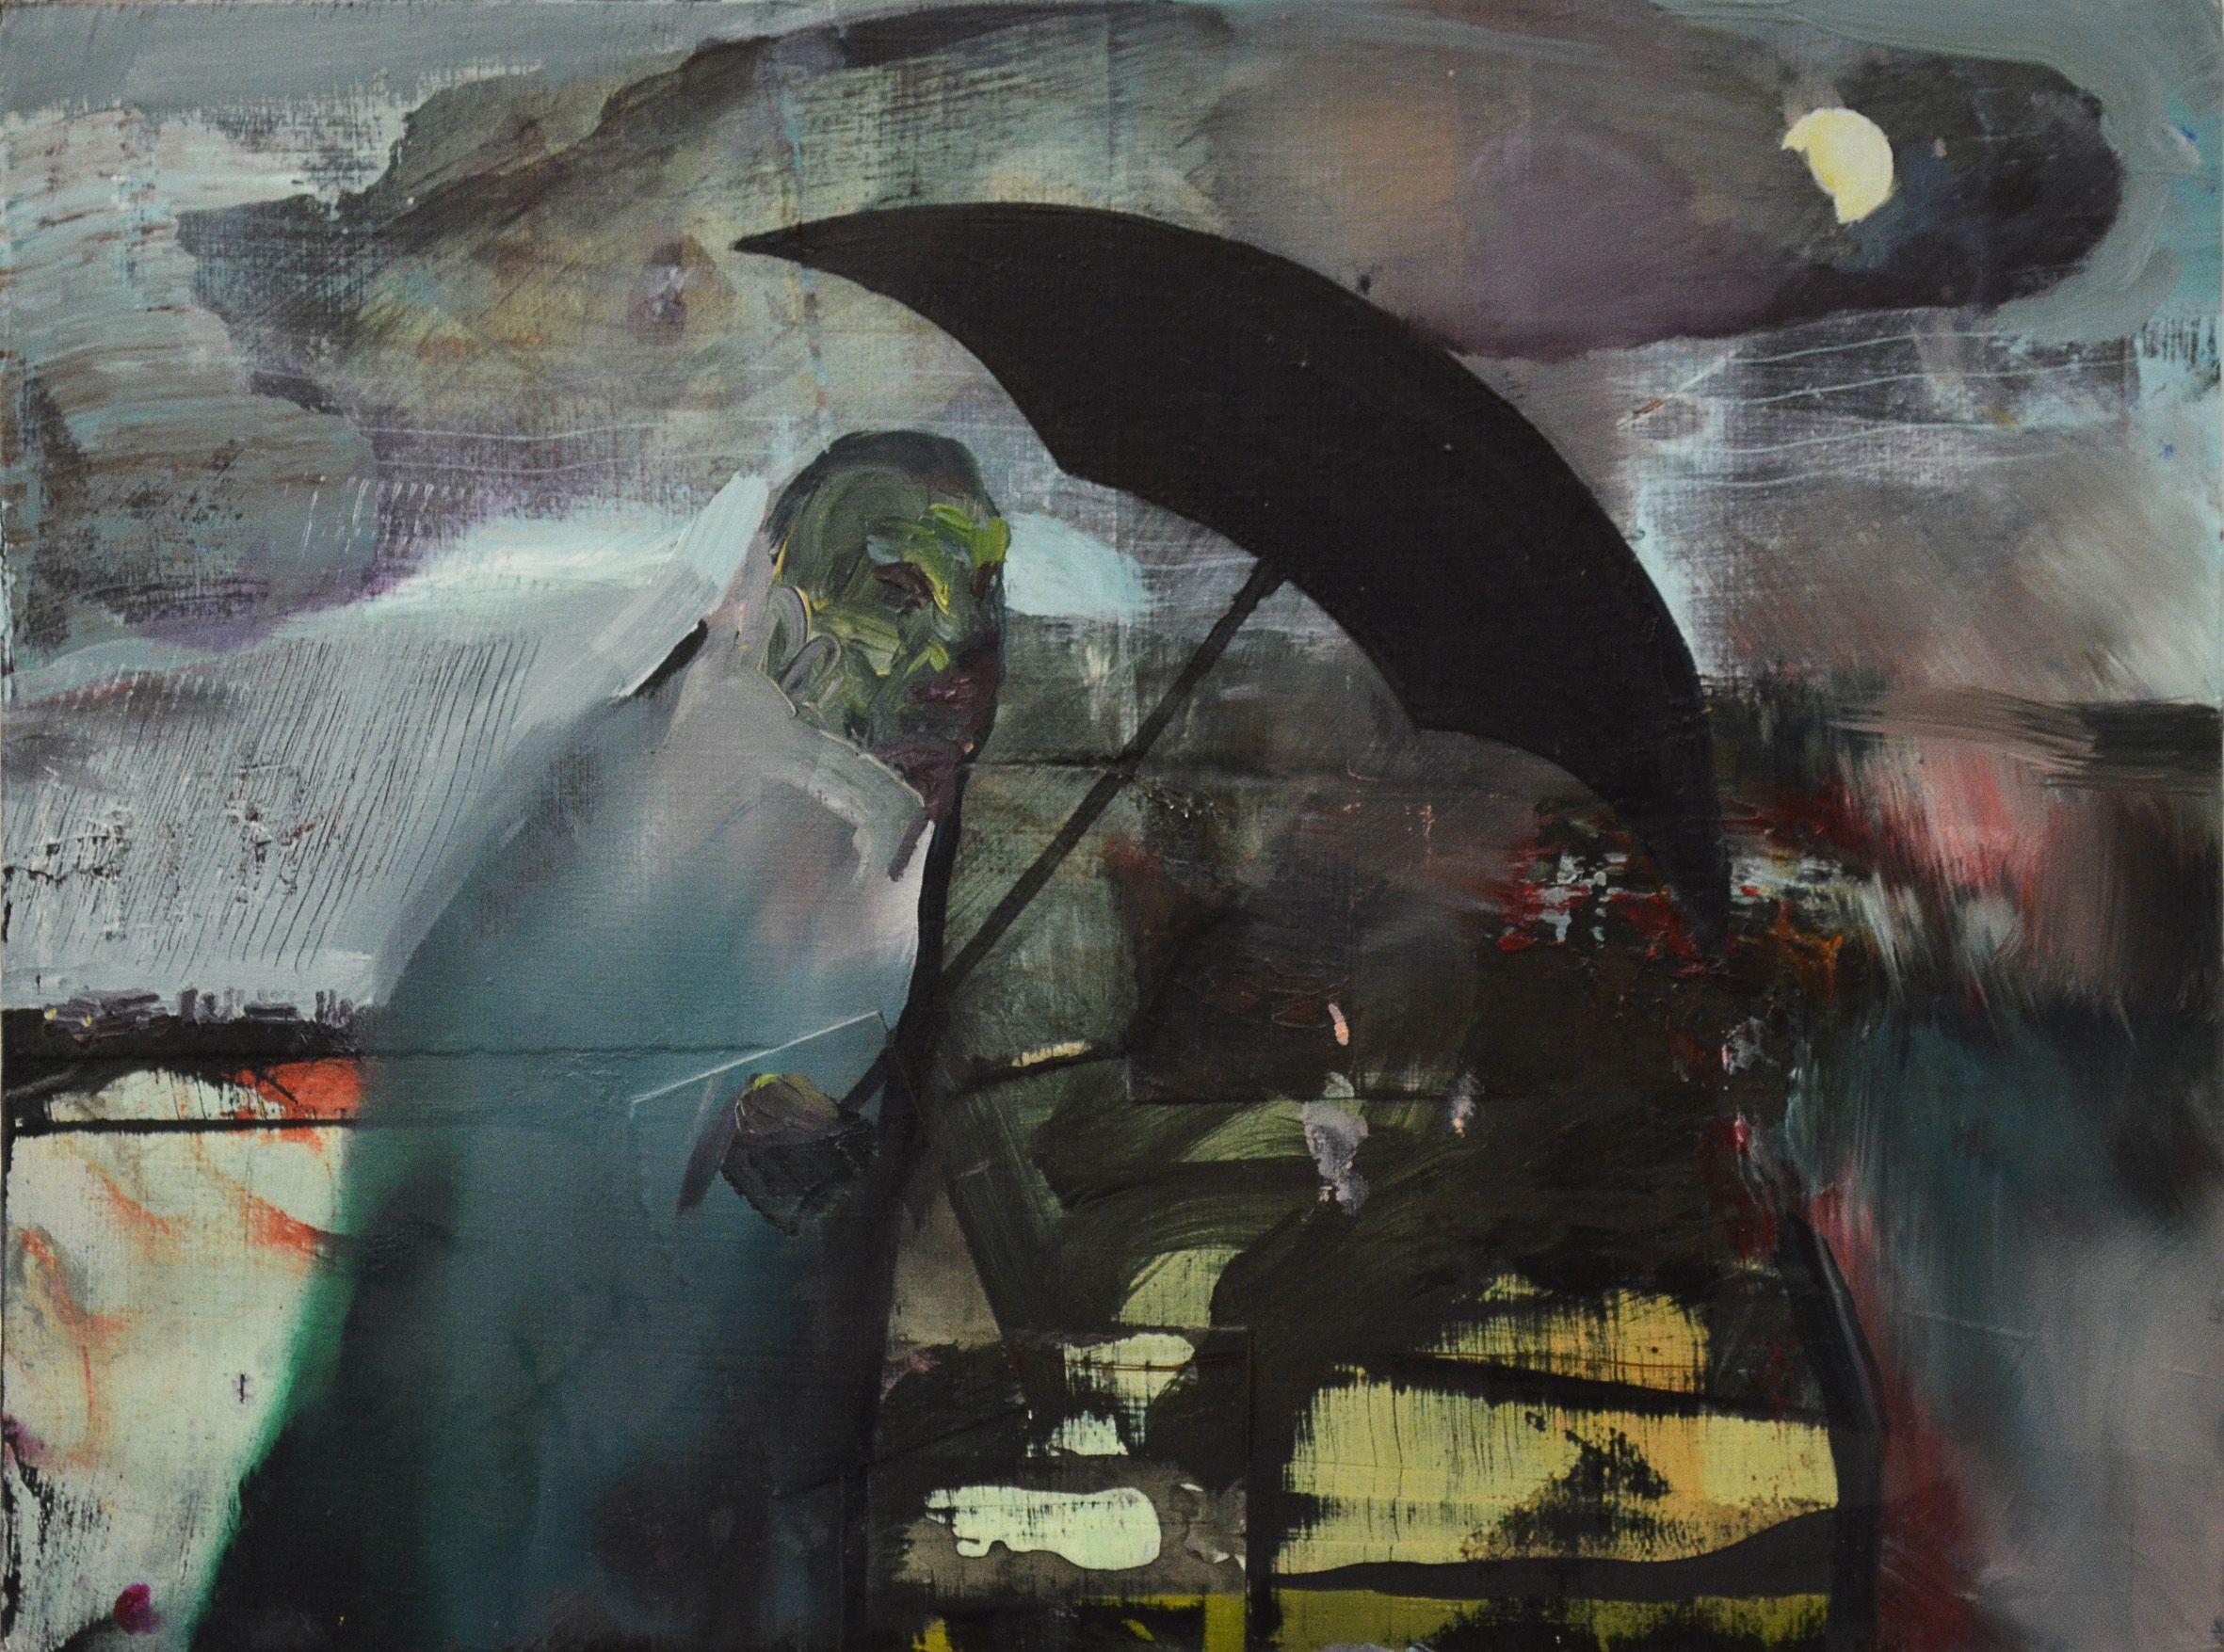 Elliot Purse, Funeral, 2014, oil on canvas, cm 30.5x41_courtesy Accesso Galleria